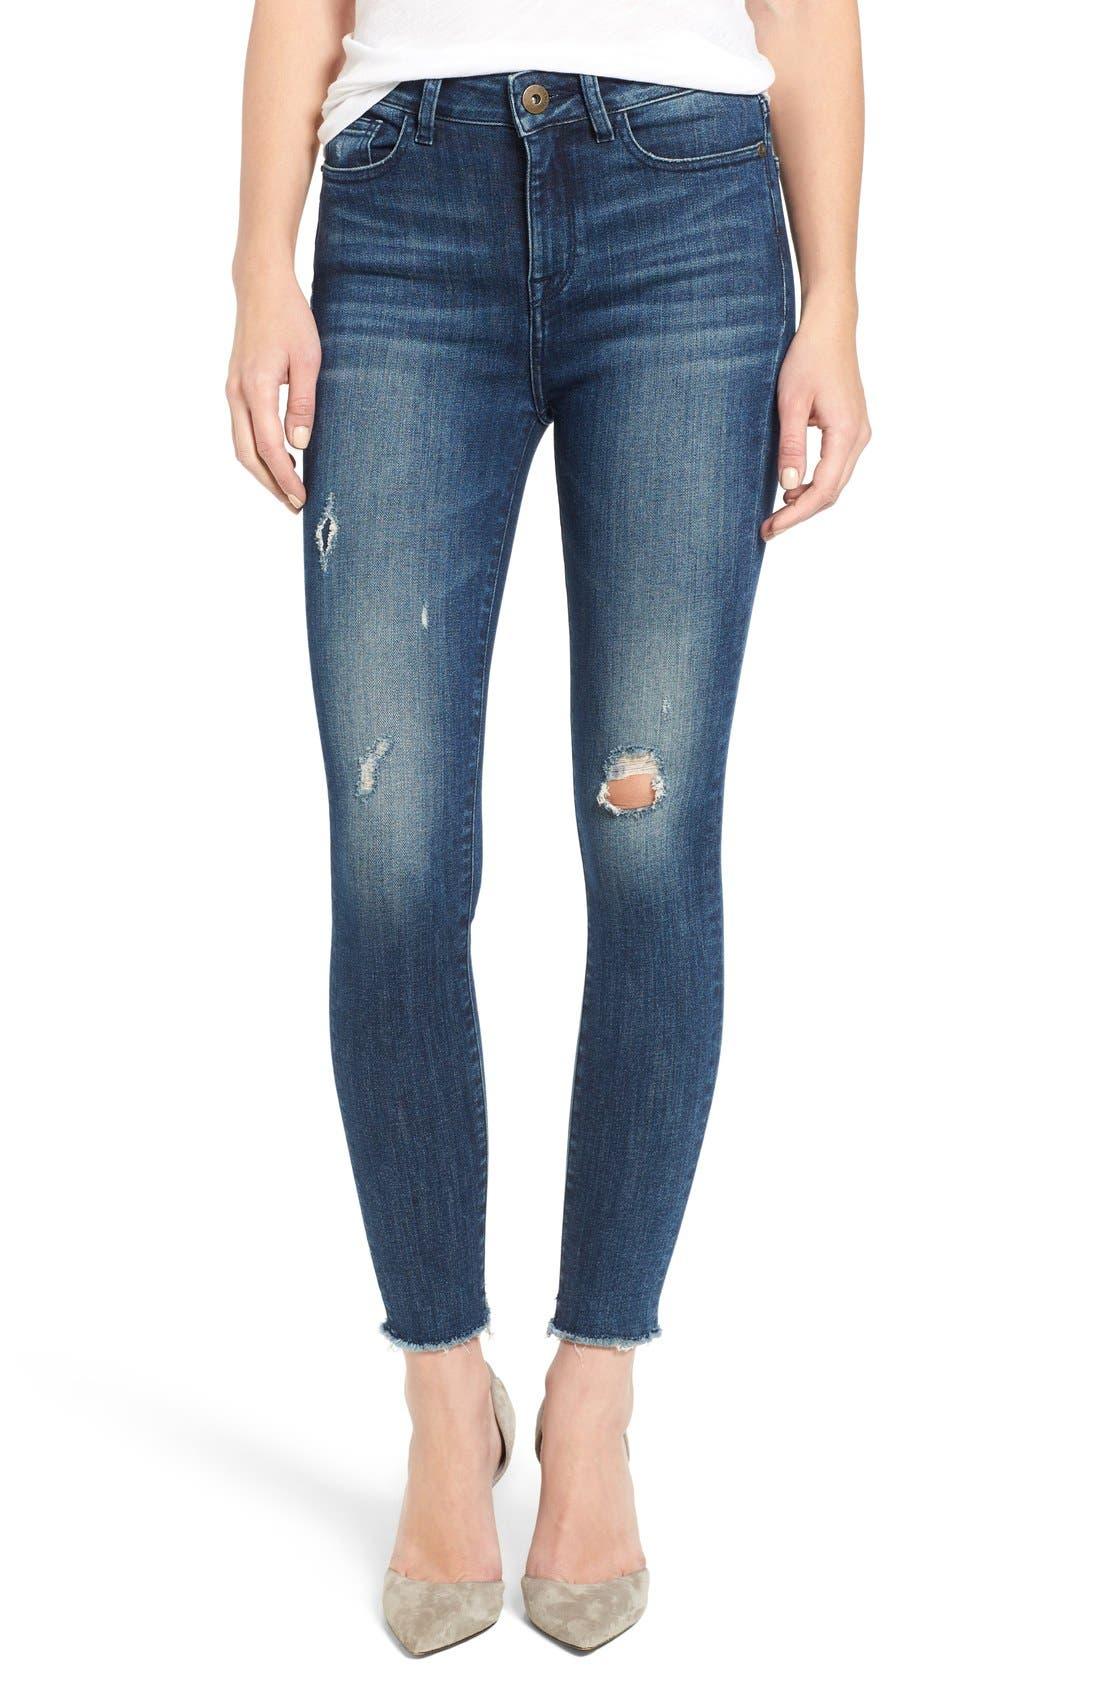 DL1961 Ryan High Waist Skinny Jeans (Stingrey) (Petite)